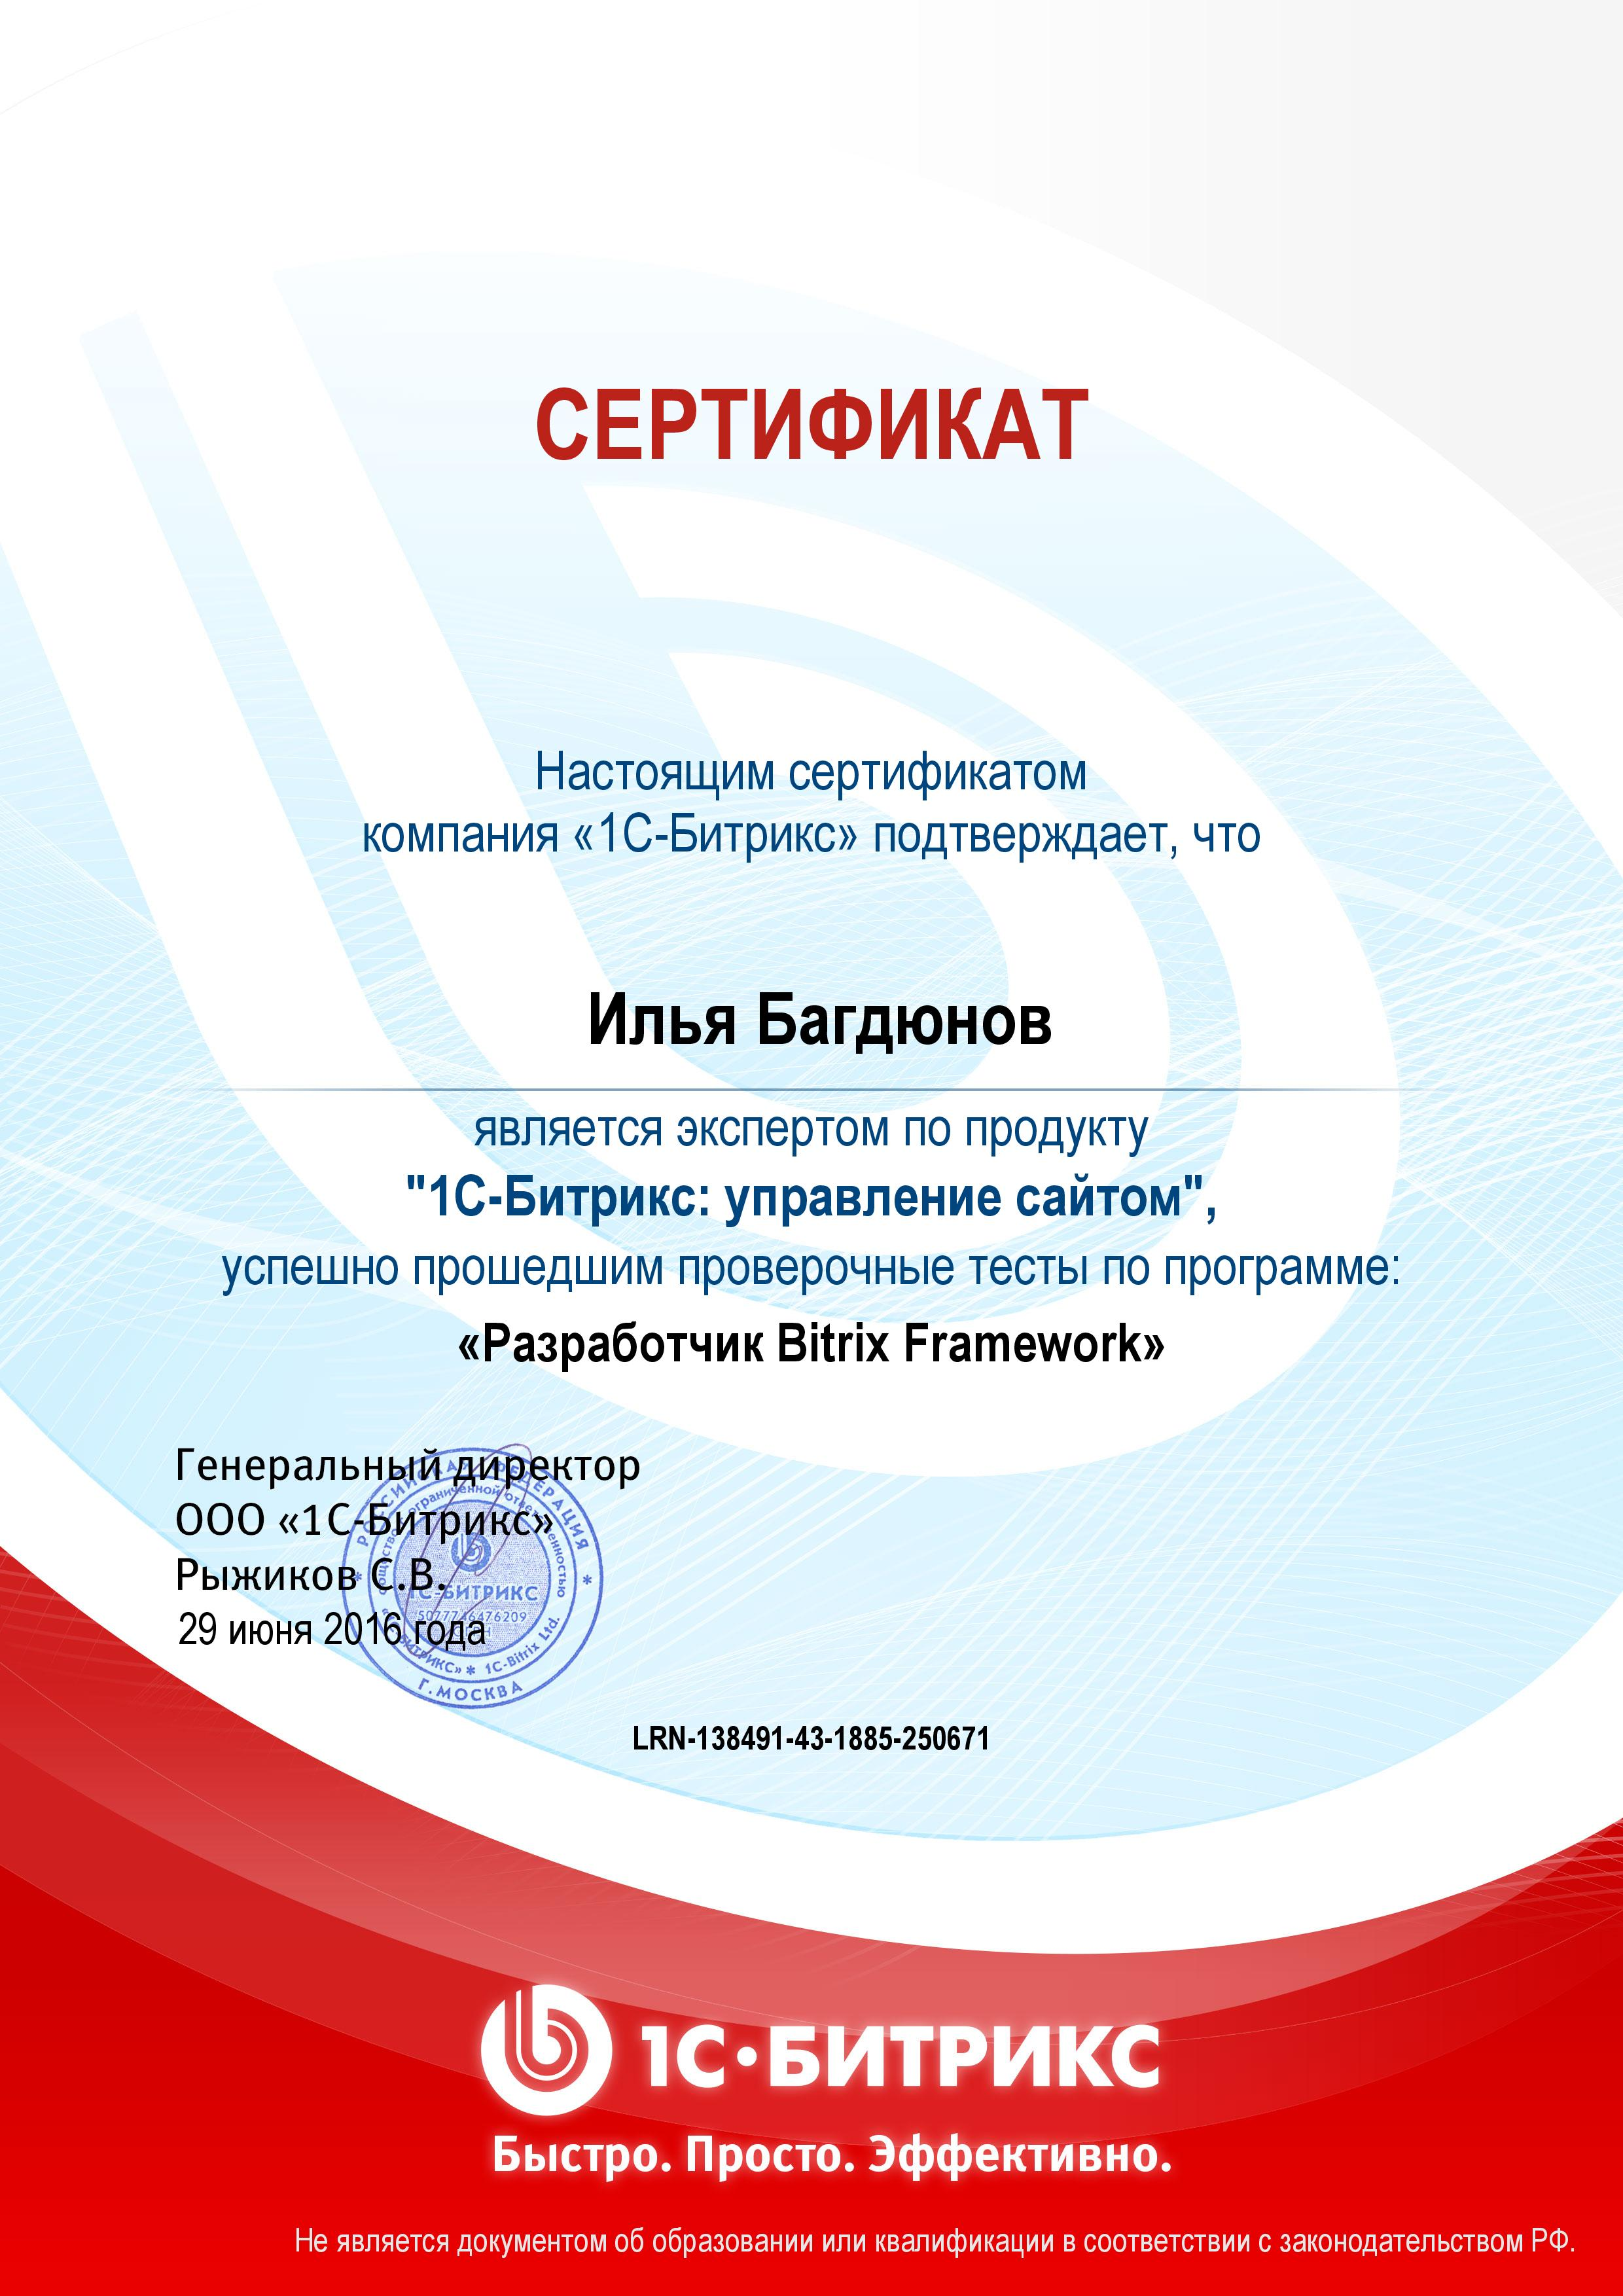 Сертификат разработчика 1С.Битрикс